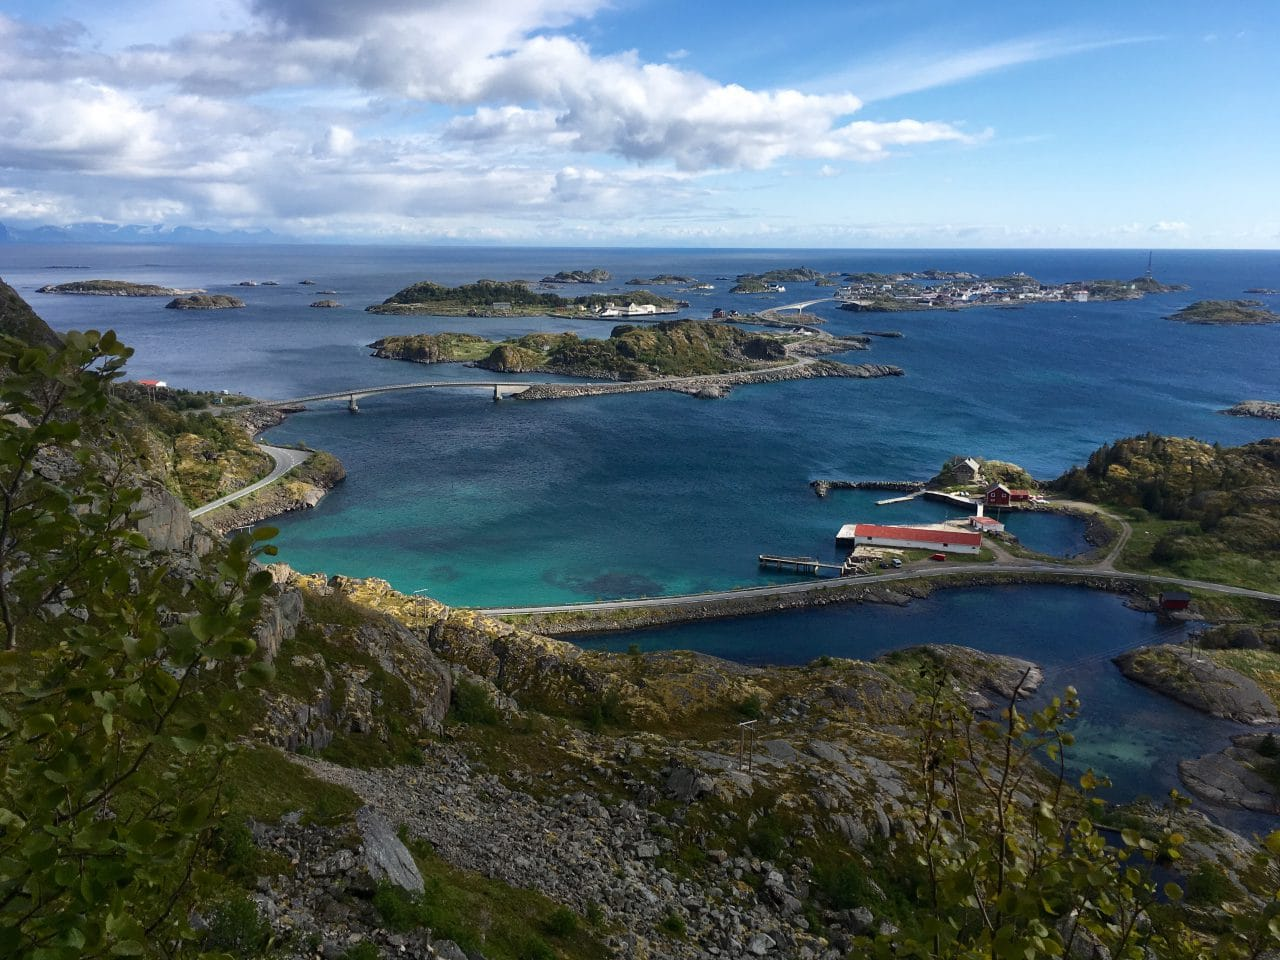 lofoten-norvege-escalade-voyage-helyum-yann-nussbaumer-1